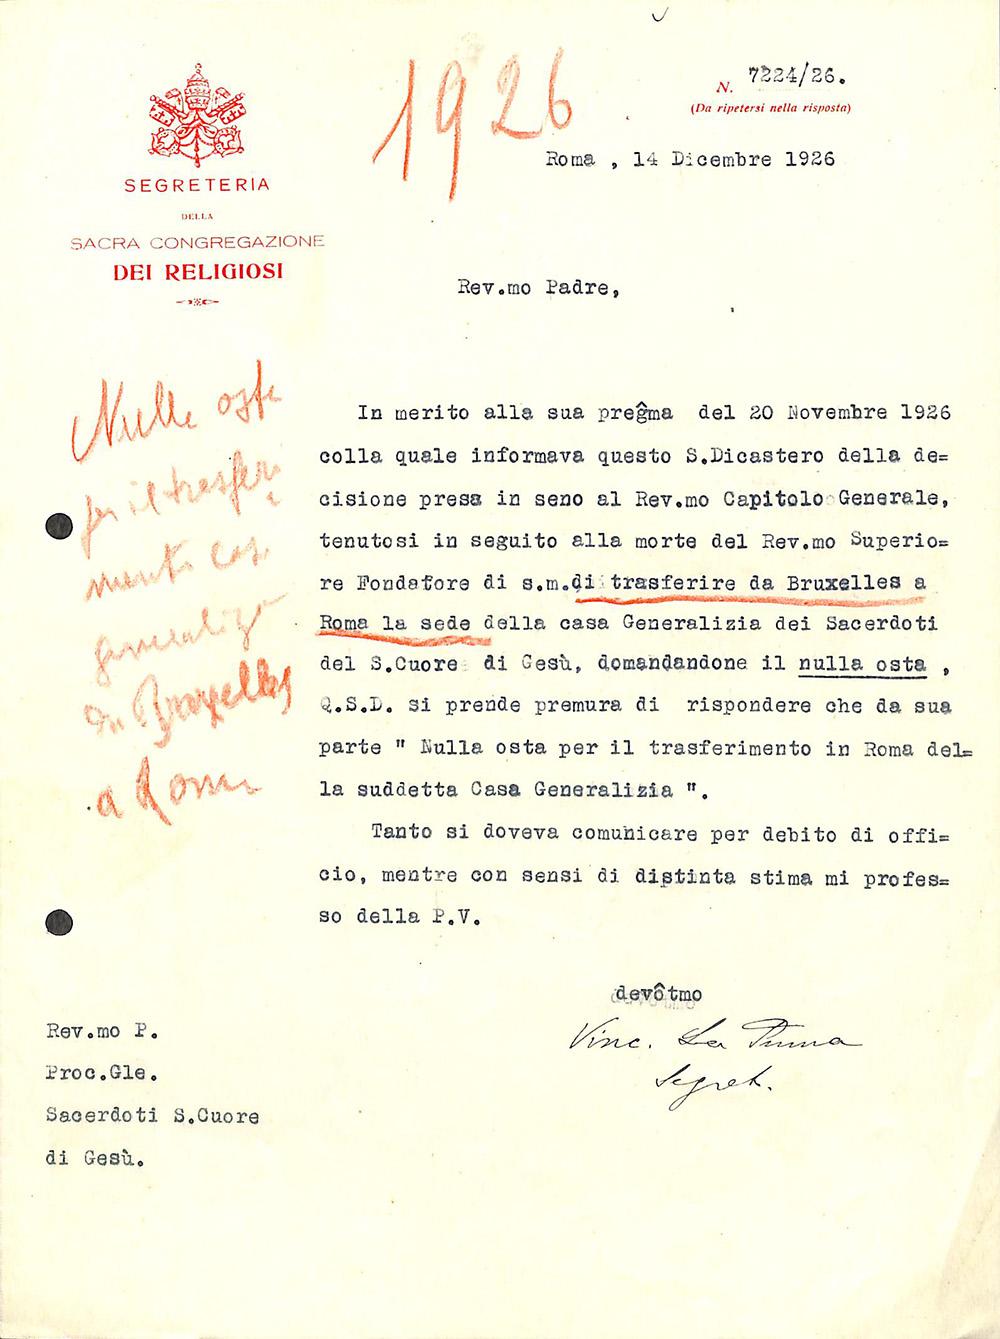 Decreto spostamento_curia-generale